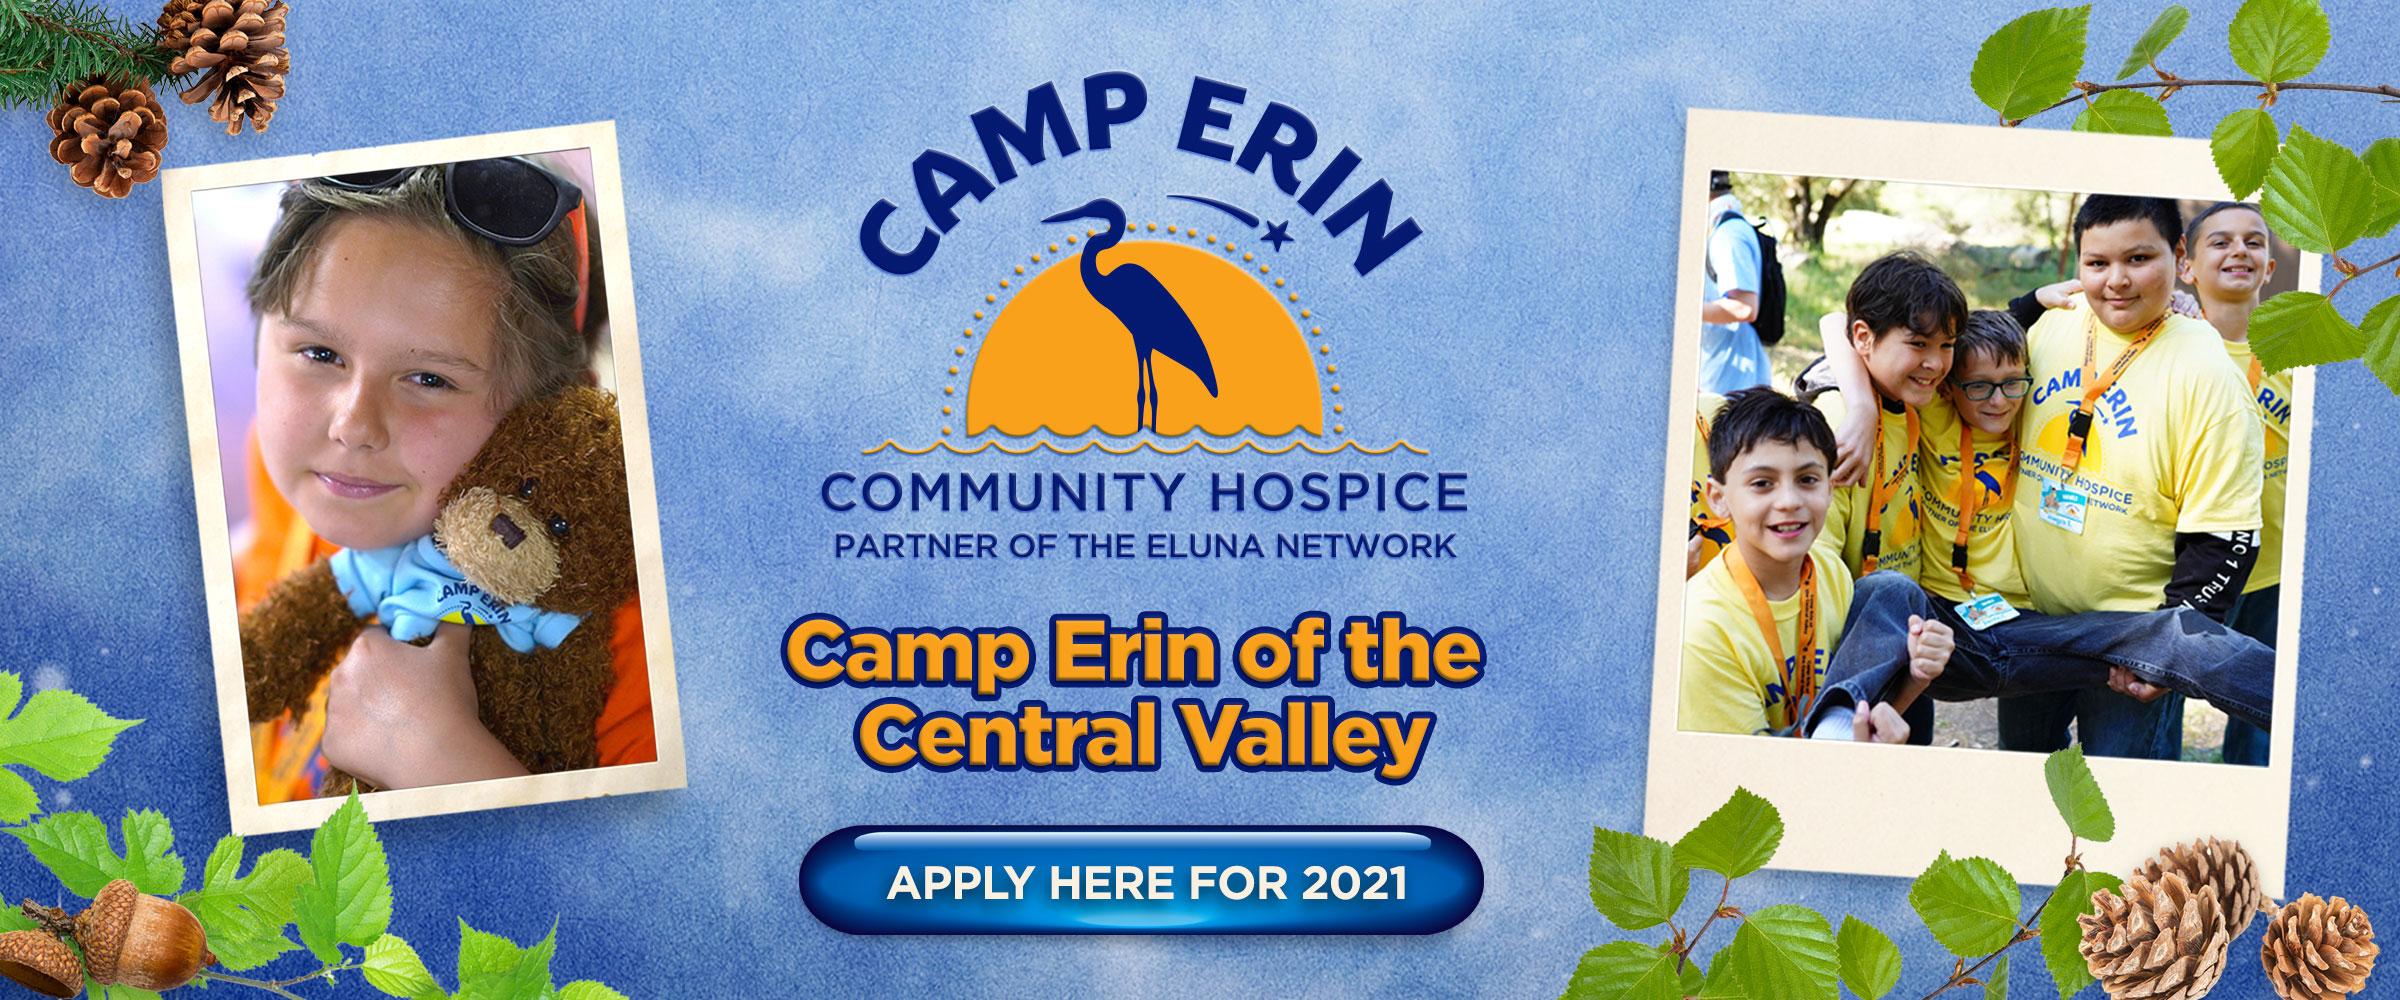 Camp-Erin-Carousel-2020